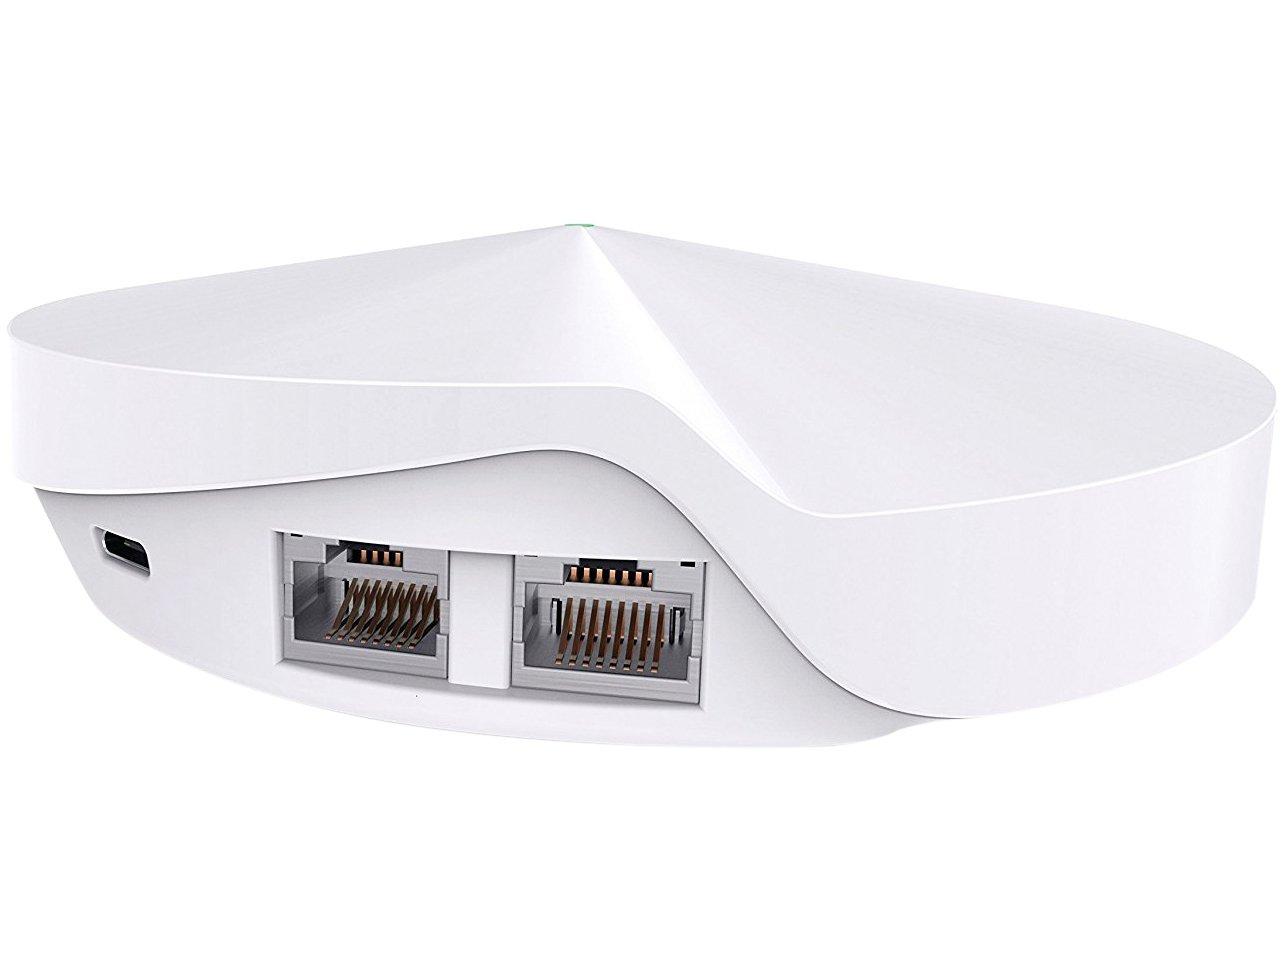 Foto 2 - Roteador Wireless Tp-link Deco 1300mbps - 4 Antenas 3 Portas